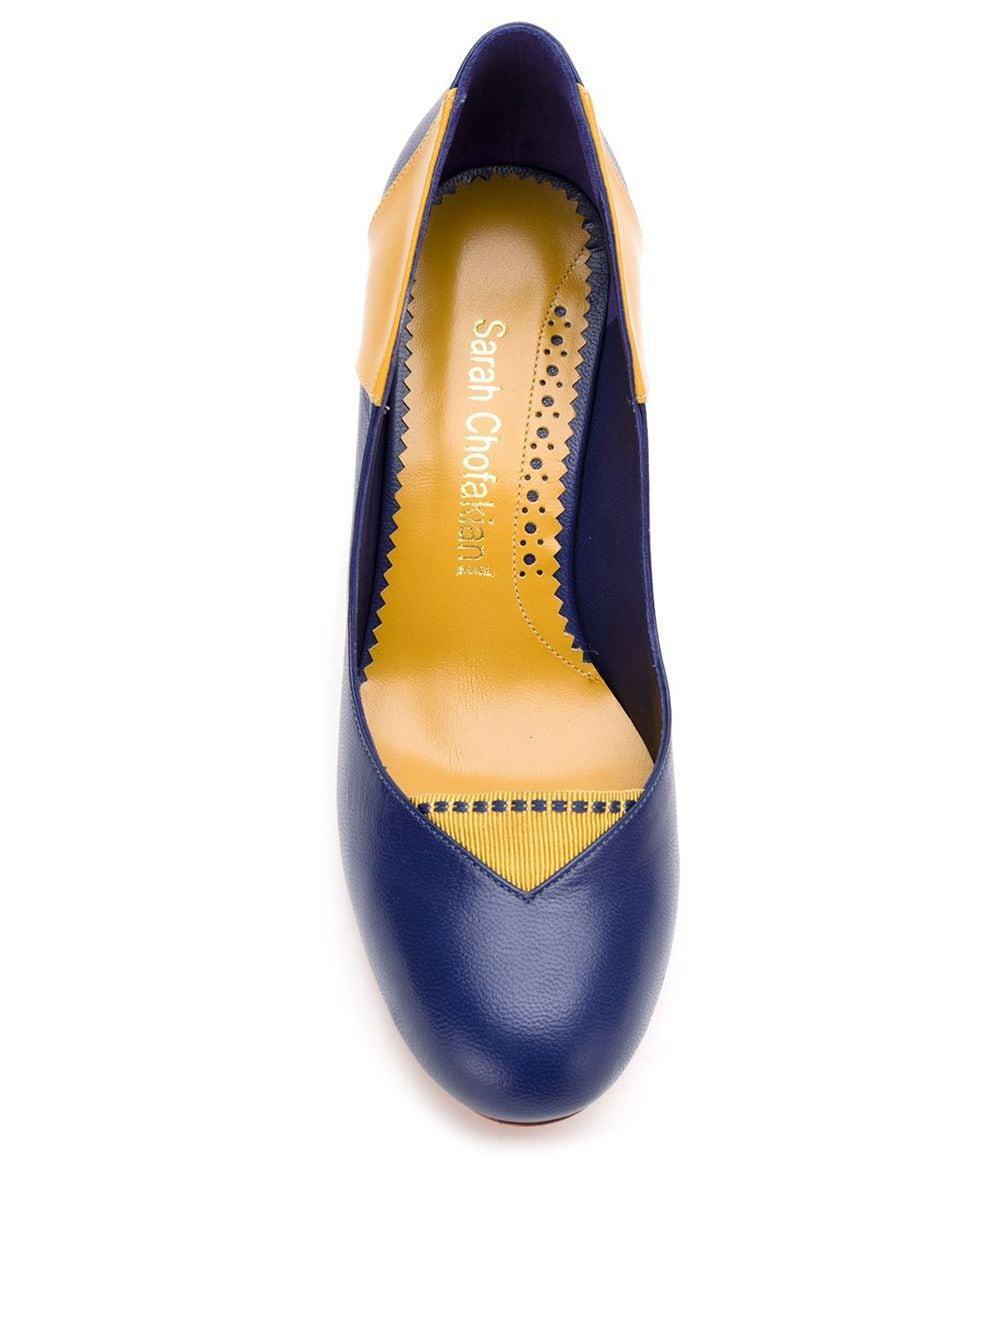 Zapatos de tacón con diseño de paneles Sarah Chofakian de Cuero de color Azul